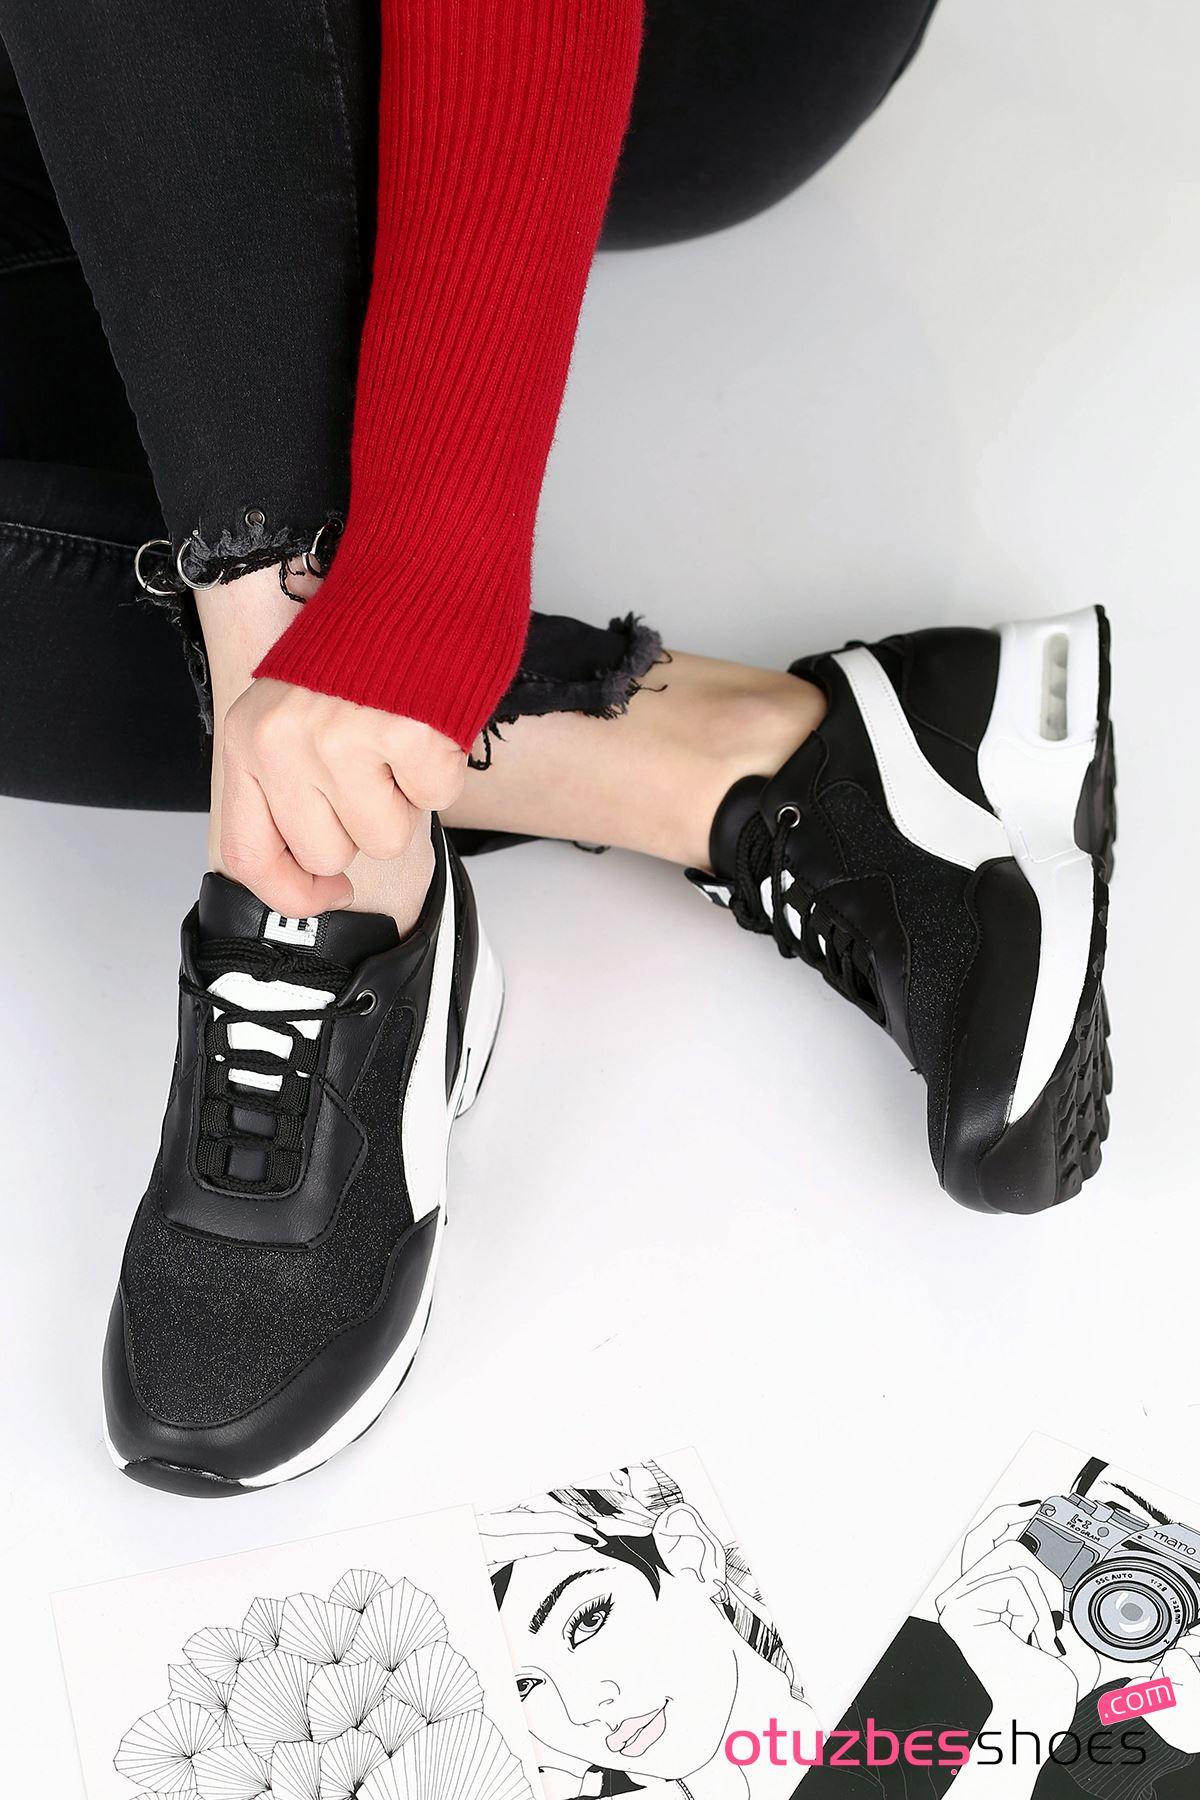 Sonoo Hava Tabanlı Etiket Detaylı Kadın Spor Ayakkabı Siyah